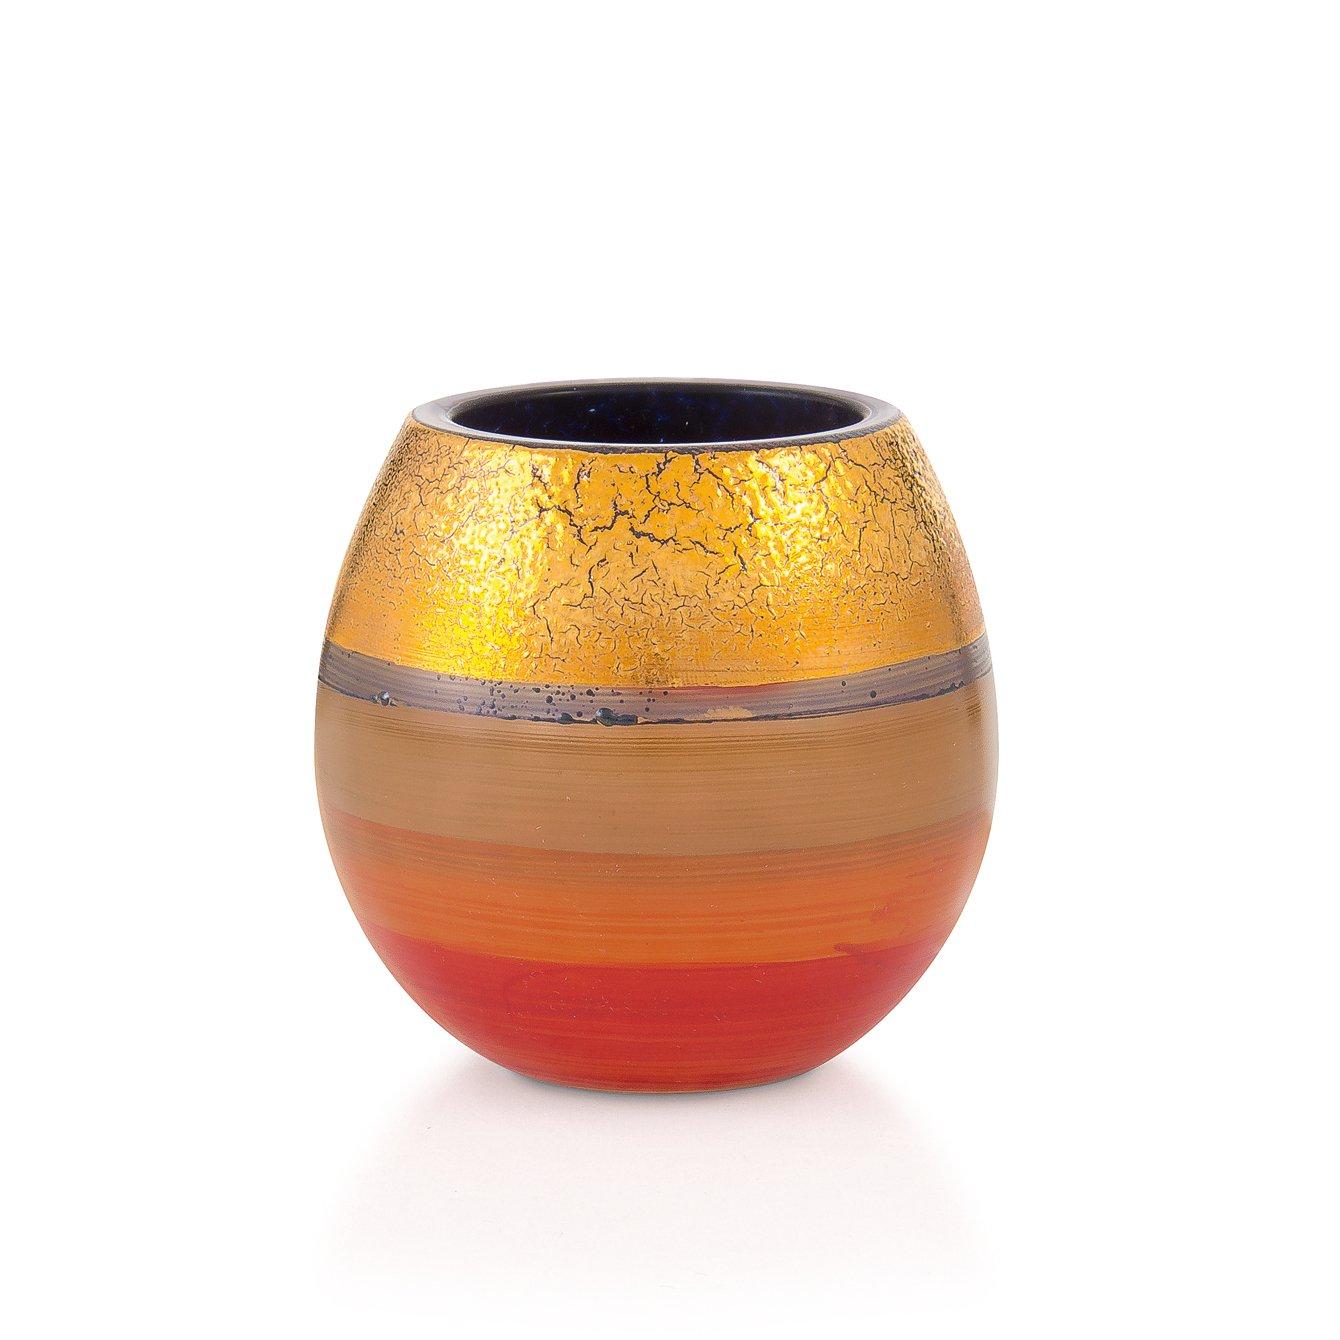 handbemalt Tempera D = 7 cm H = 7cm Angela neue Wiener Werkstaette Teelichthalter /& Kerzenhalter aus Glas mit echten Golddekor